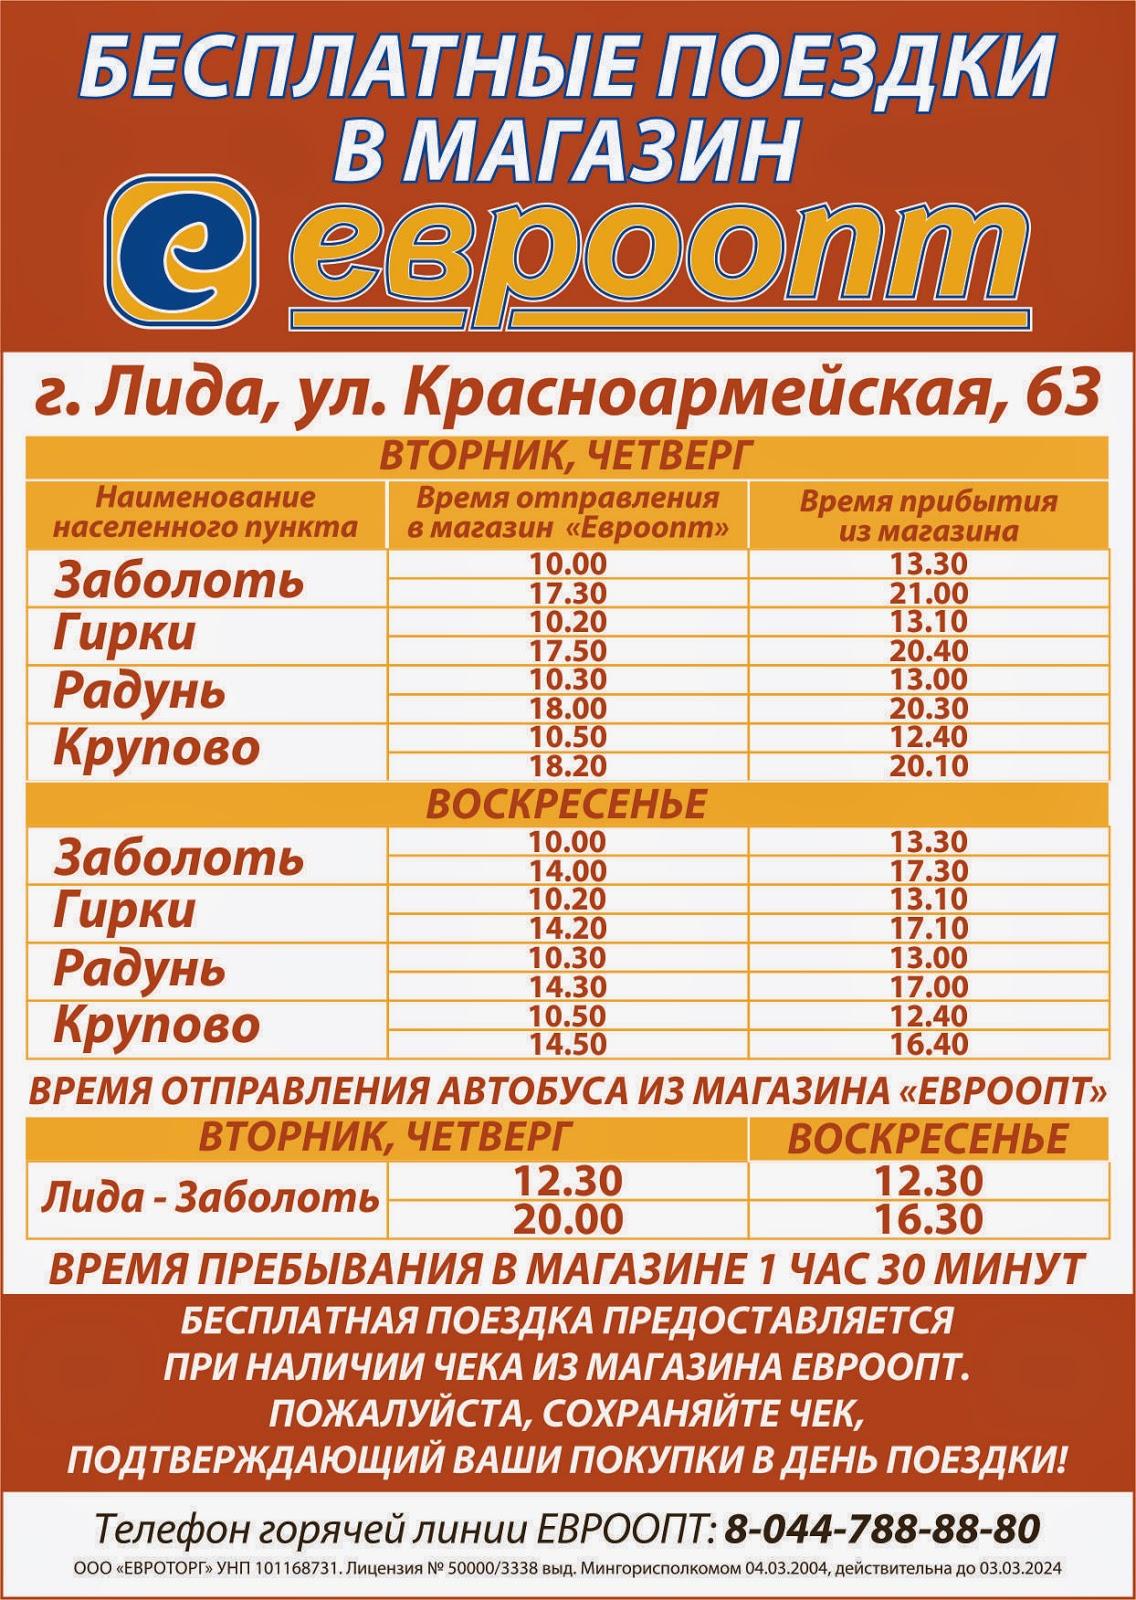 Расписание движения бесплатных автобусов в магазин Евроопт